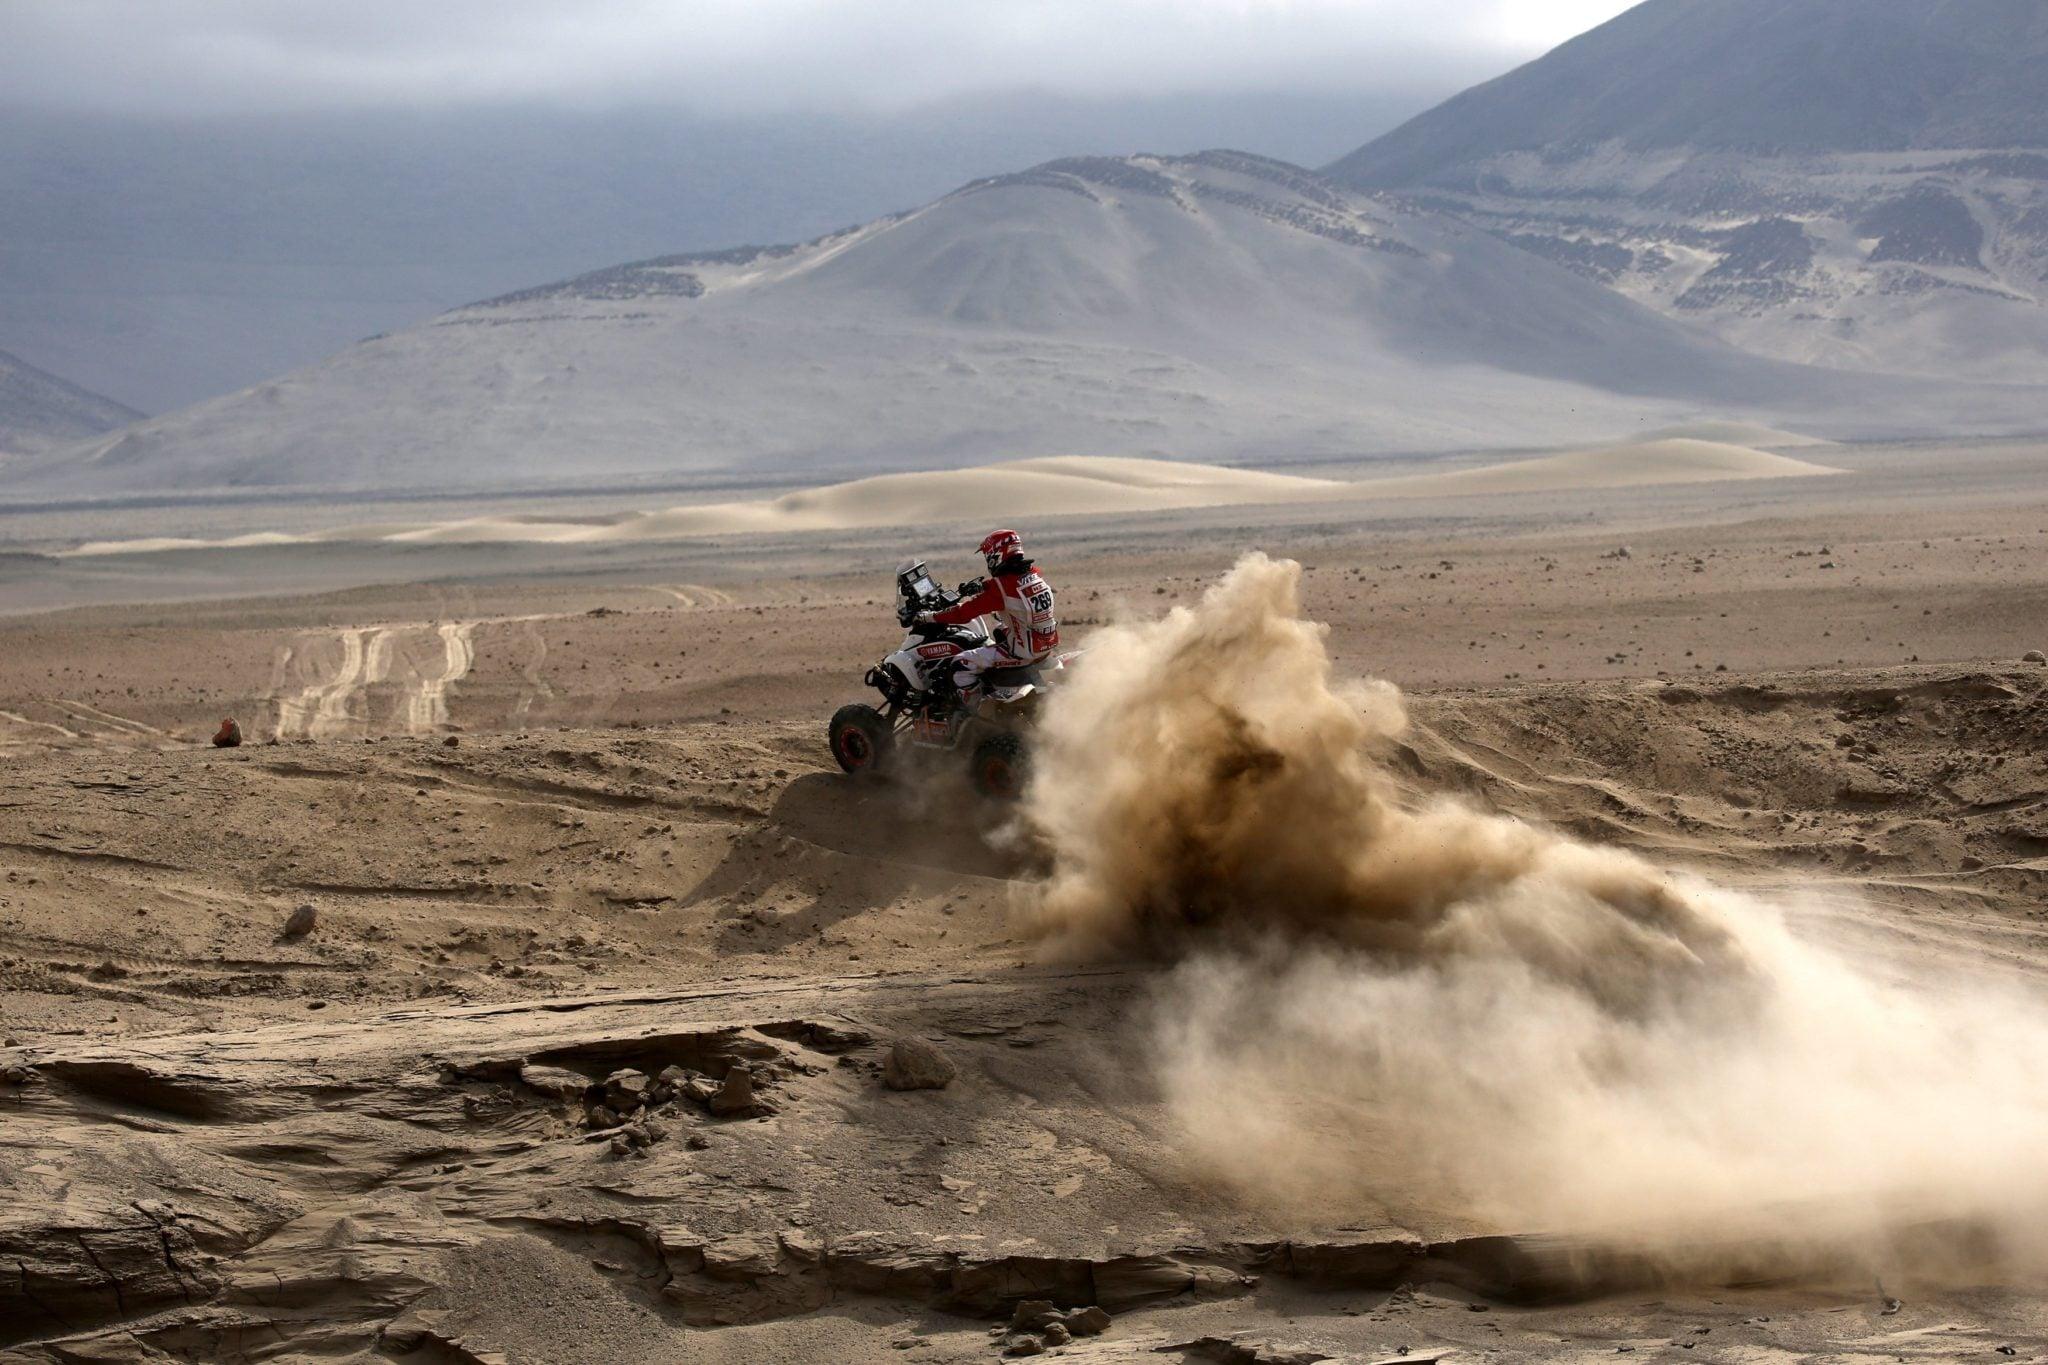 To już czwarty etap tegorocznego rajdu Dakar. Zawodnicy pokonują tym razem peruwiańskie bezdroża położone w okolicy San Juan de Marcona. fot: David Fernández, PAP/EPA.